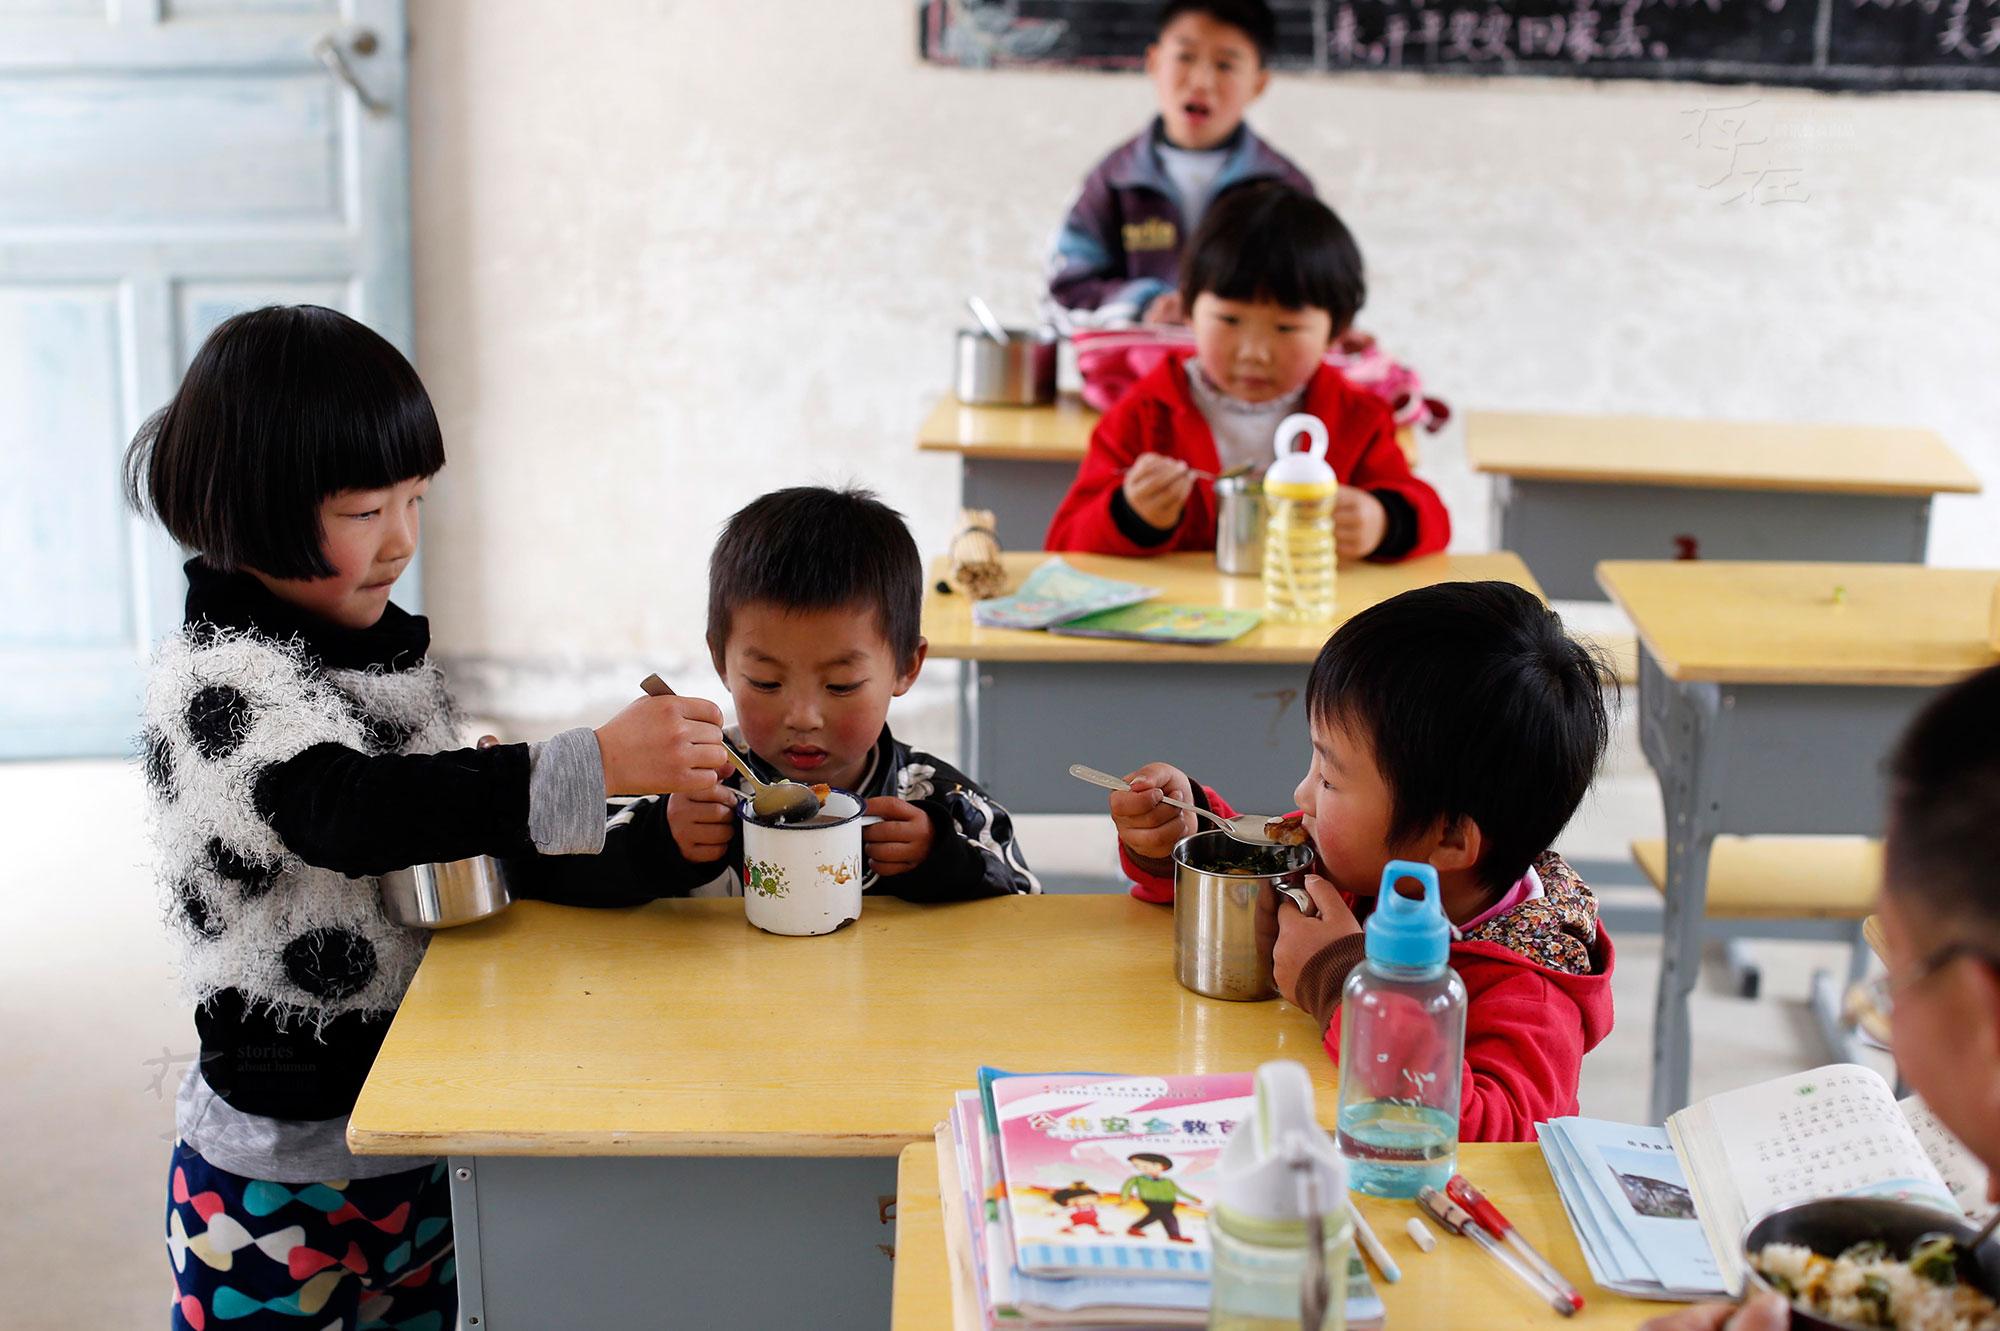 山巅小学:1 和老师和 5 个留守儿童